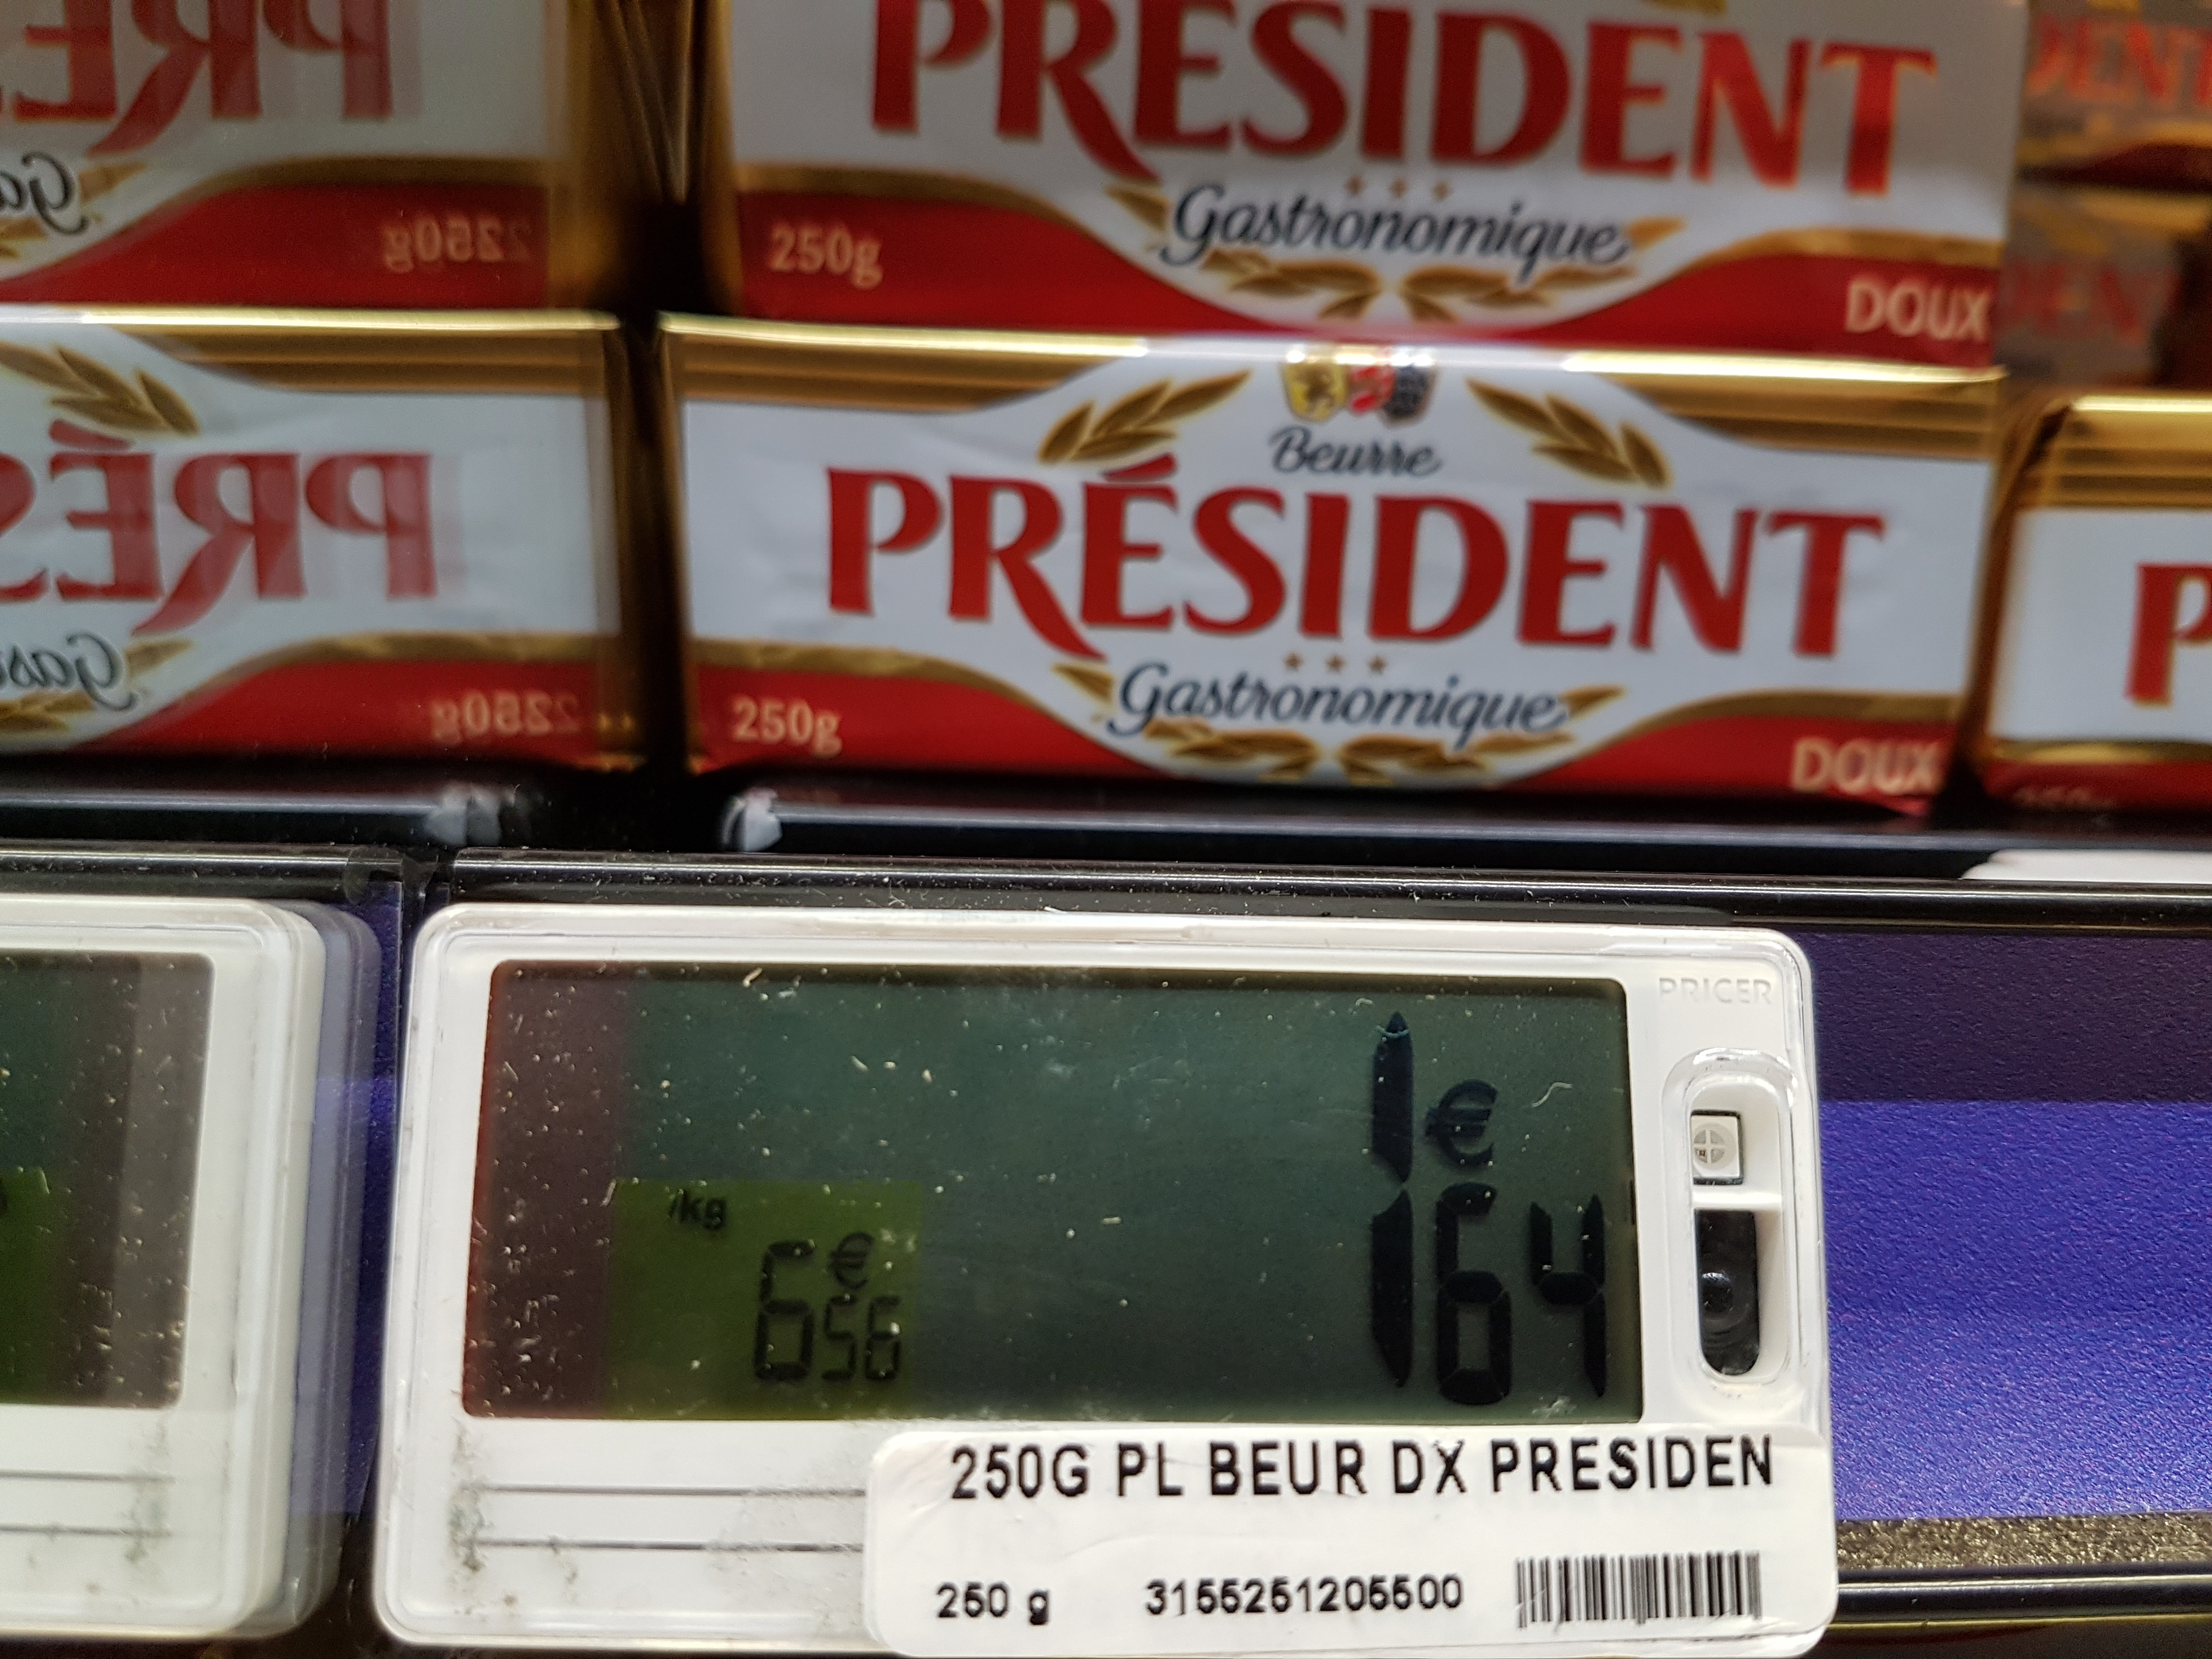 Това е френската цена в евро на френското масло, което у нас струва над 8 лева. Снимка: Венко Кънев